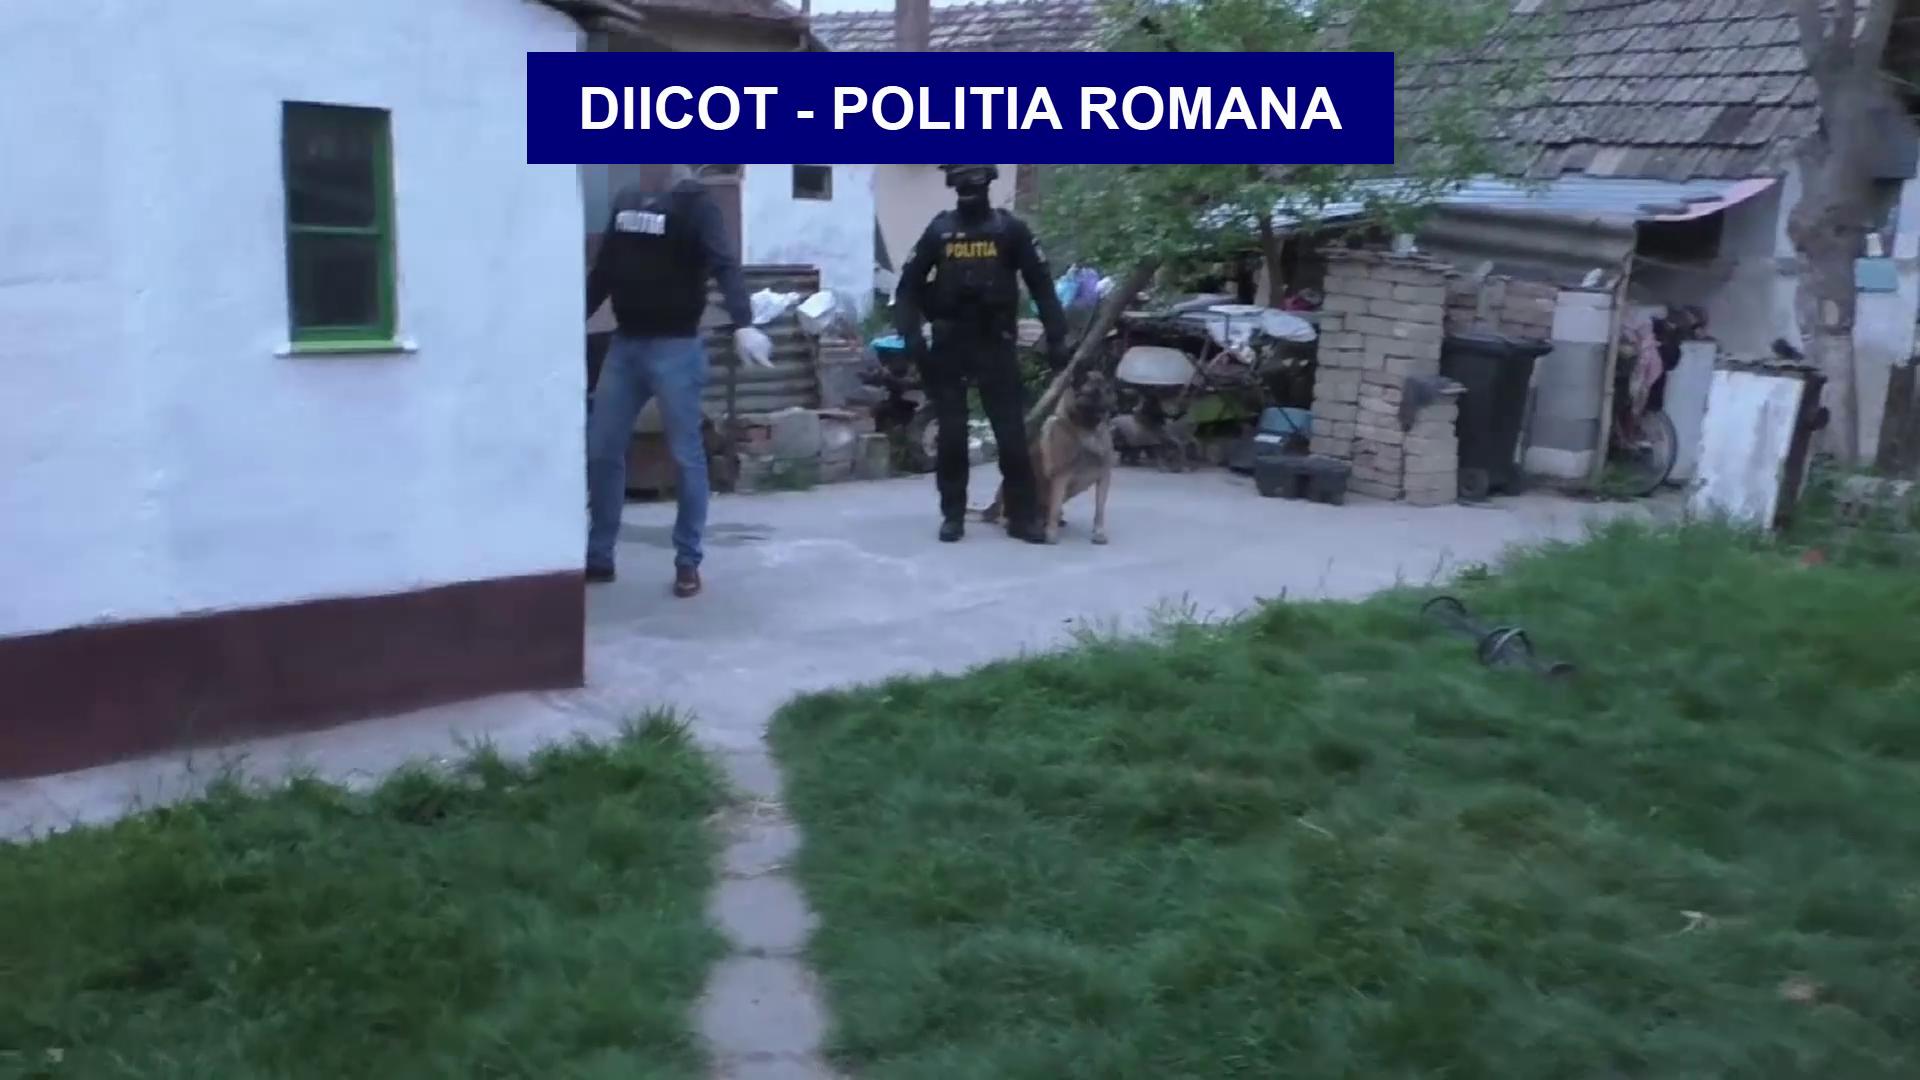 Femeie din Timișoara, suspectată de radicalizare și propagandă teroristă